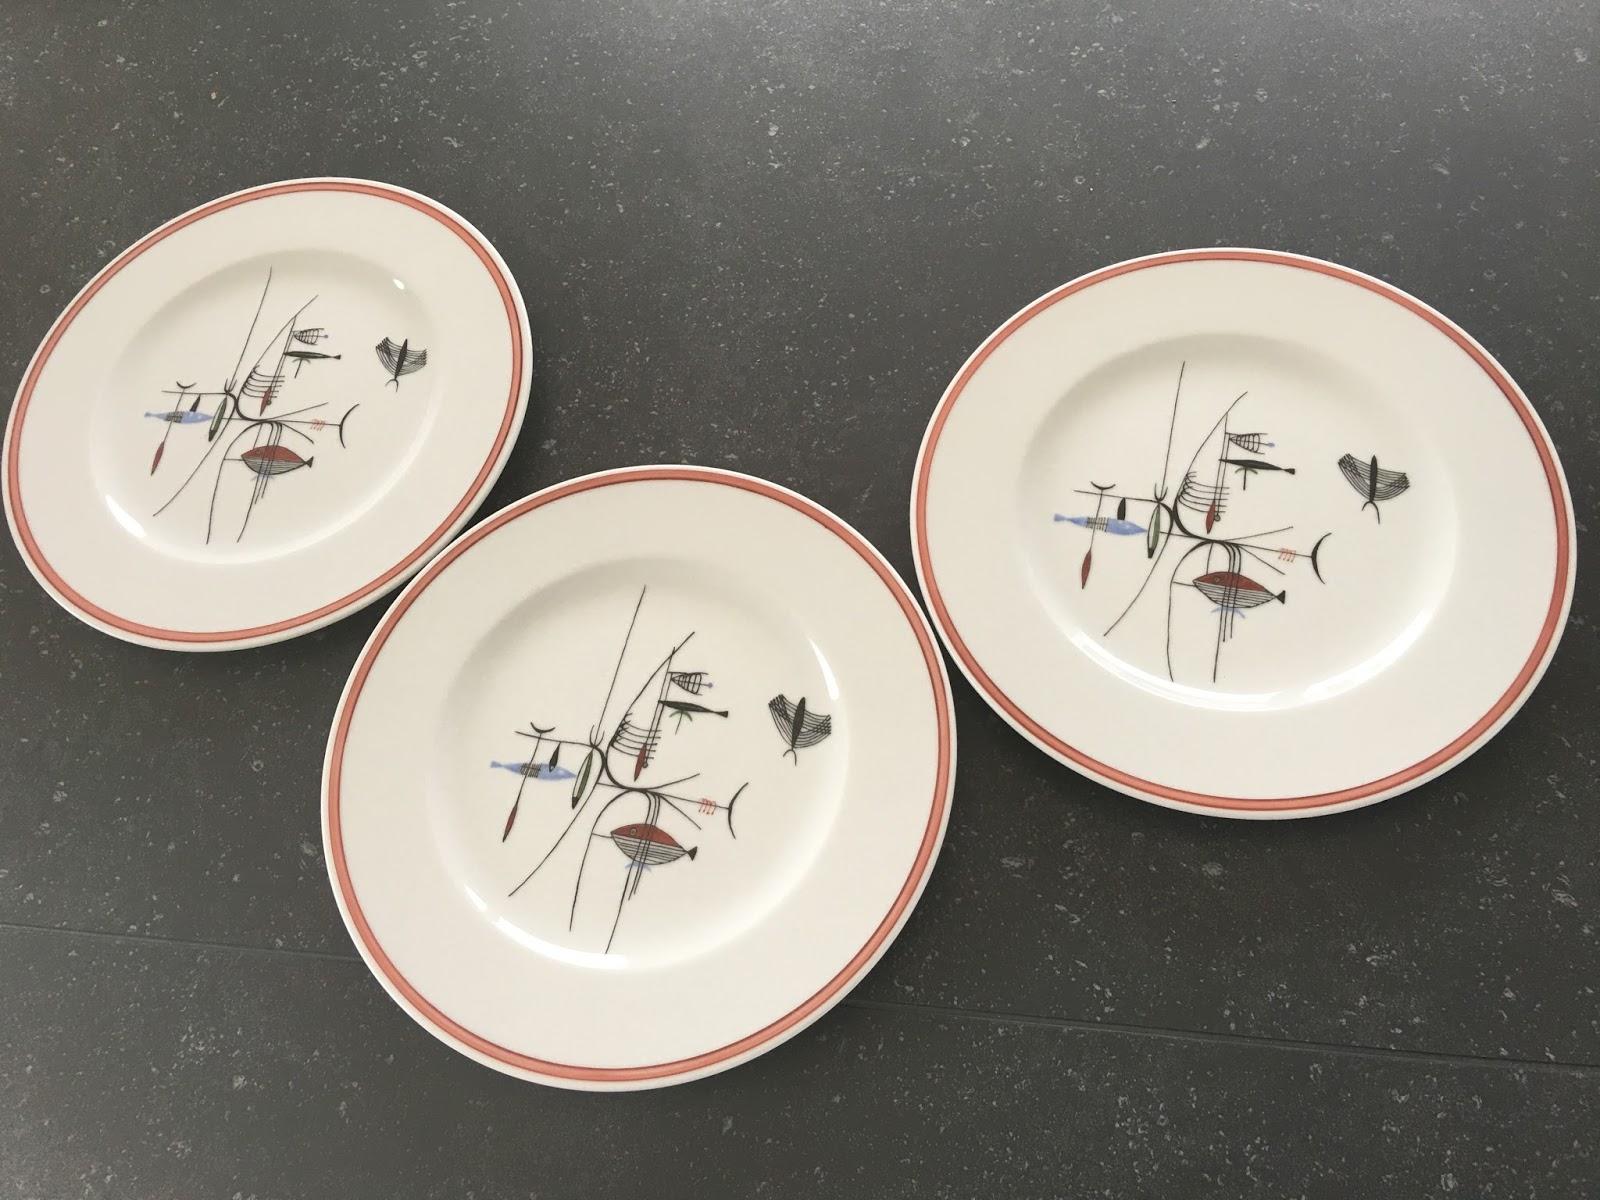 Peinture Sur Porcelaine Assiette passion, peinture et porcelaine: assiettes d'inspiration moderne